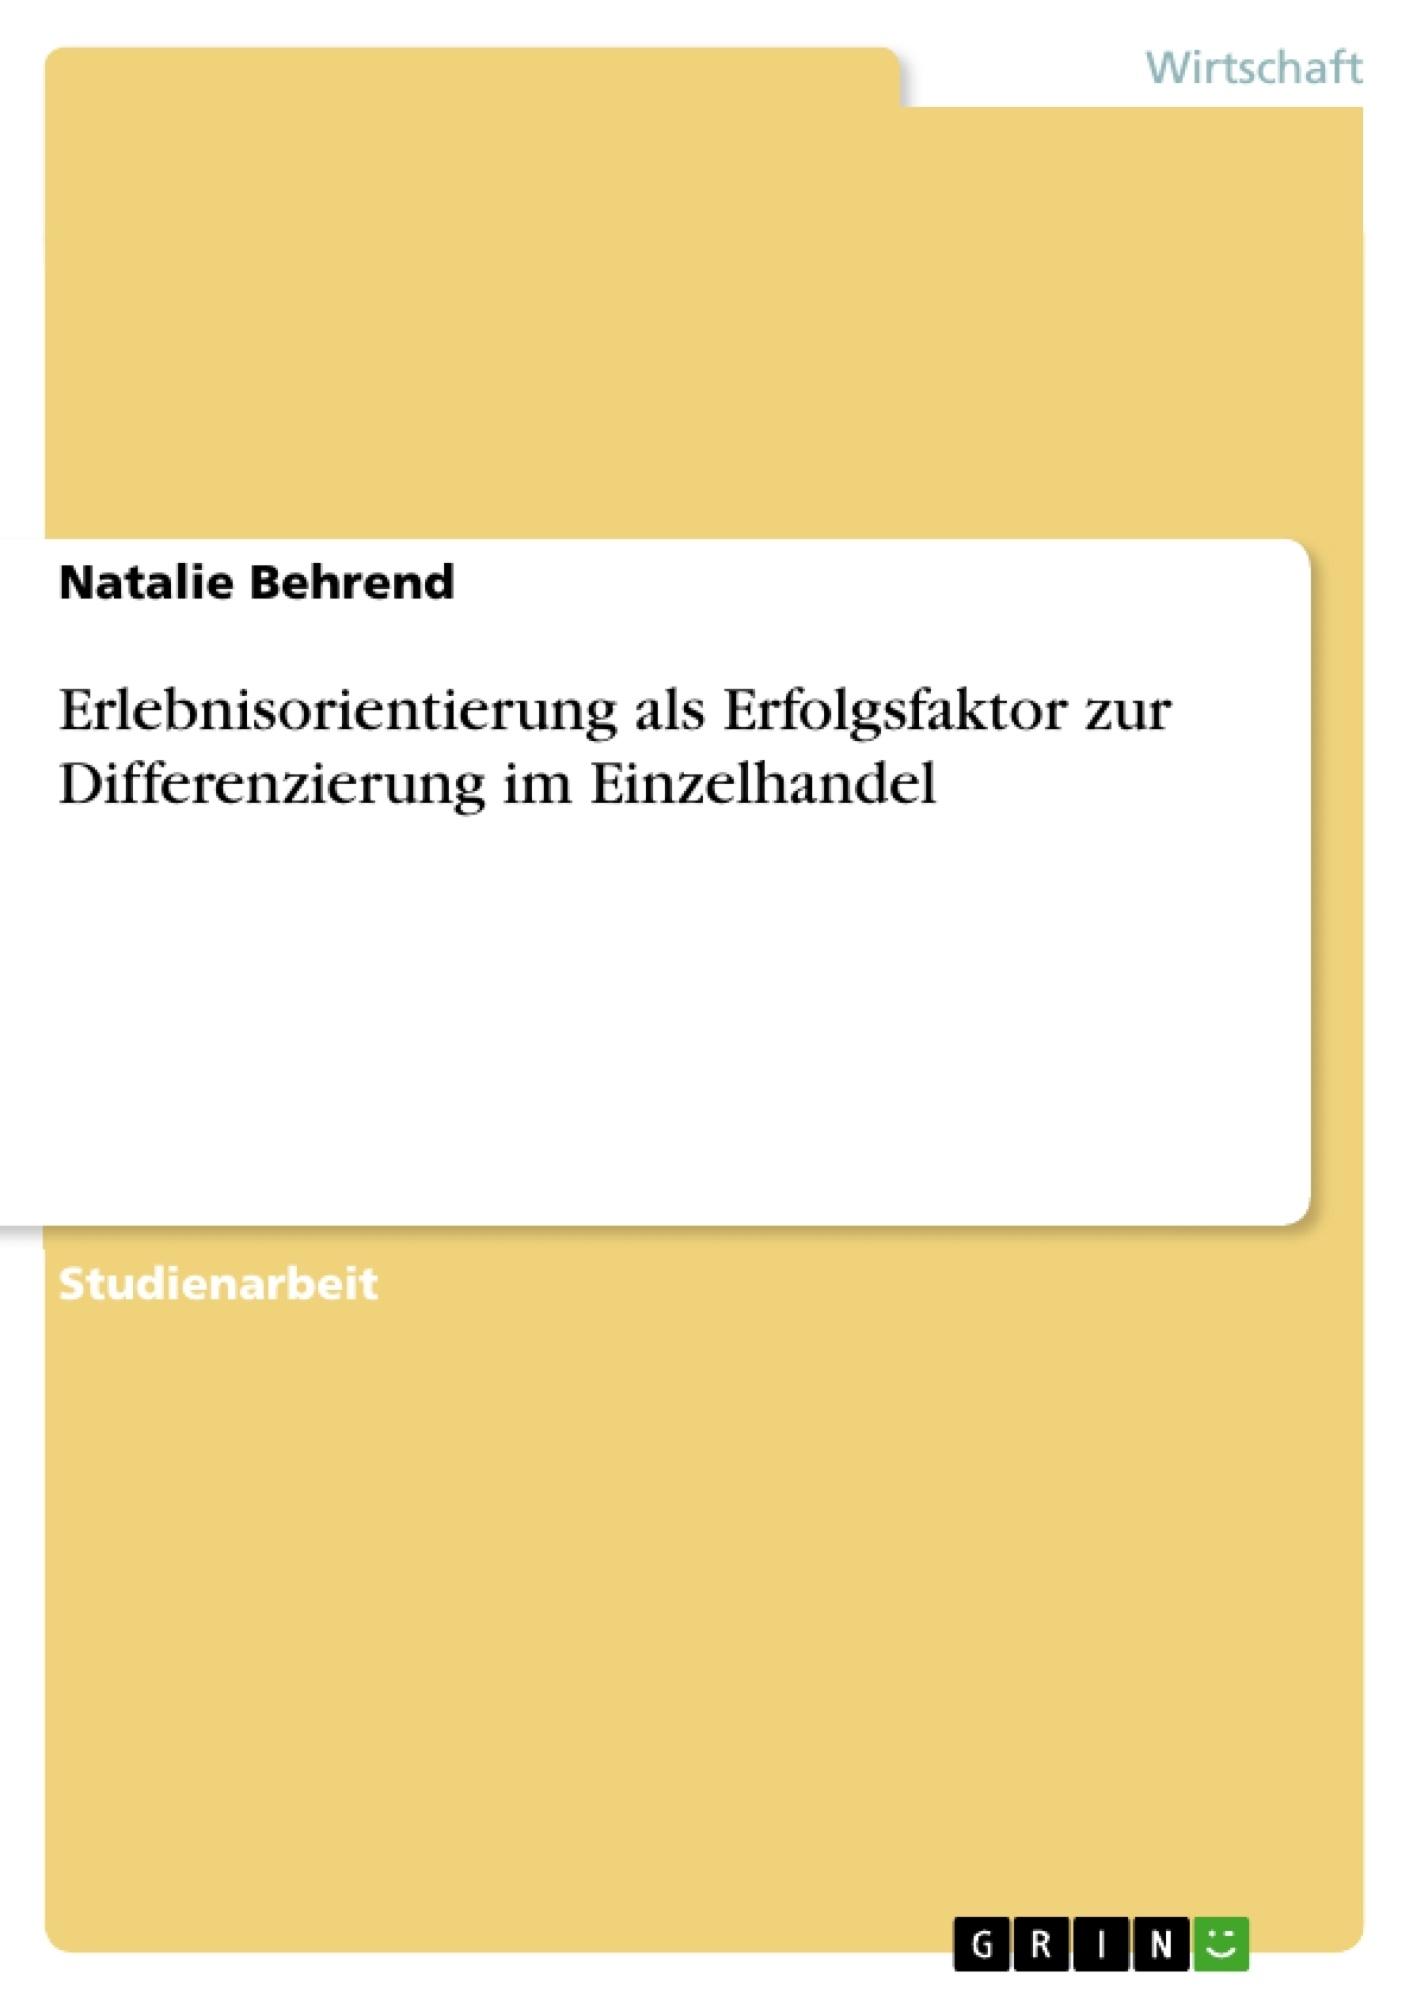 Titel: Erlebnisorientierung als Erfolgsfaktor zur Differenzierung im Einzelhandel